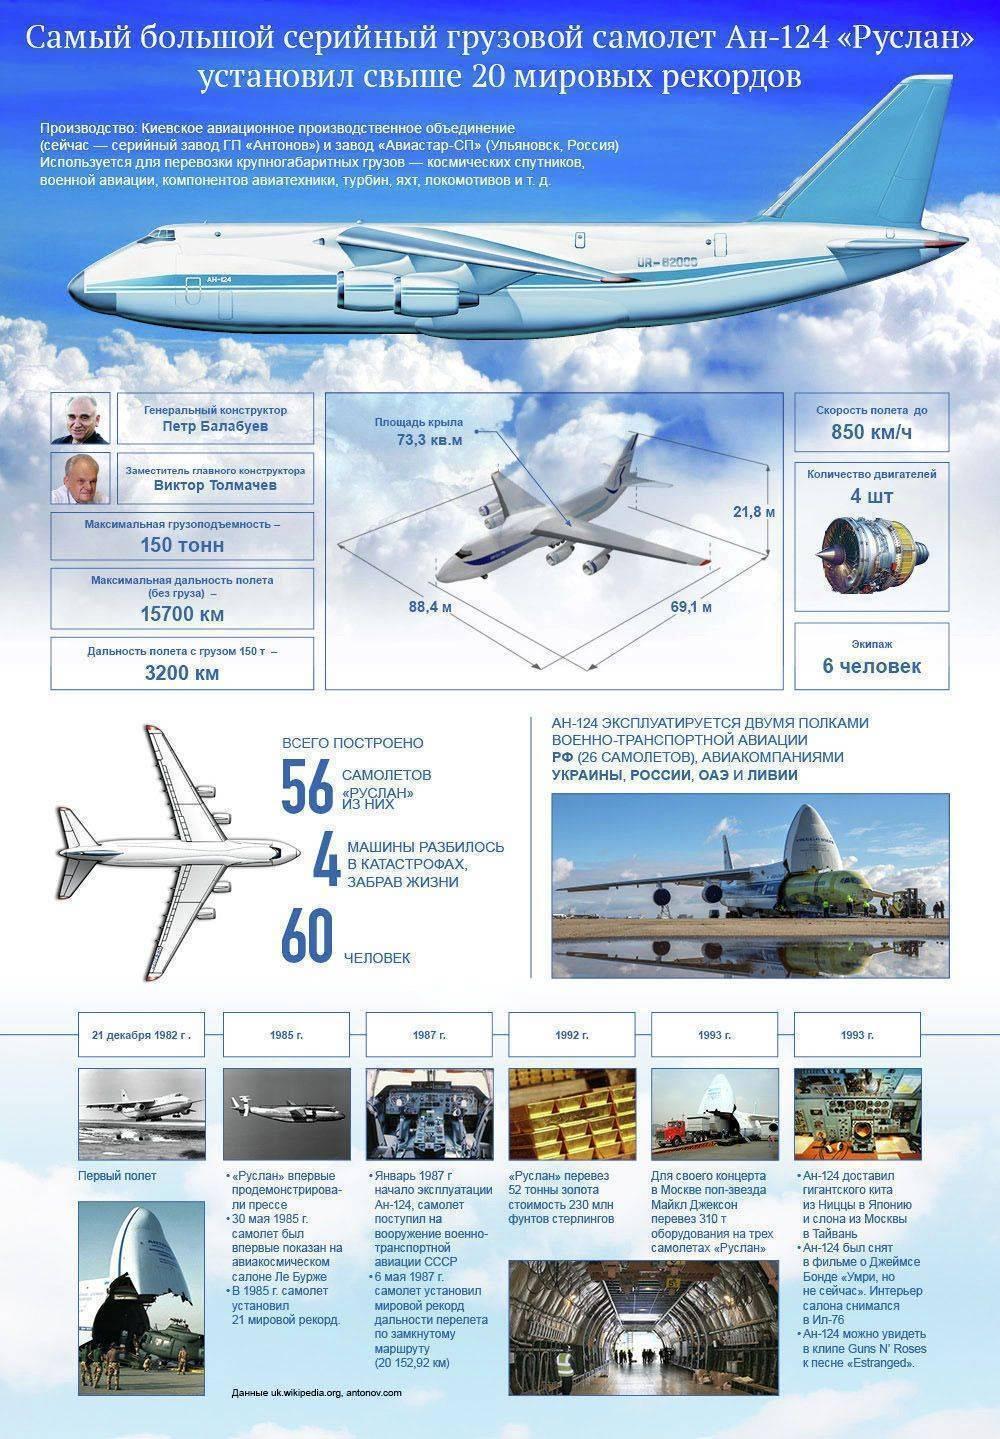 Транспортные | атлас авиации. авиационный портал